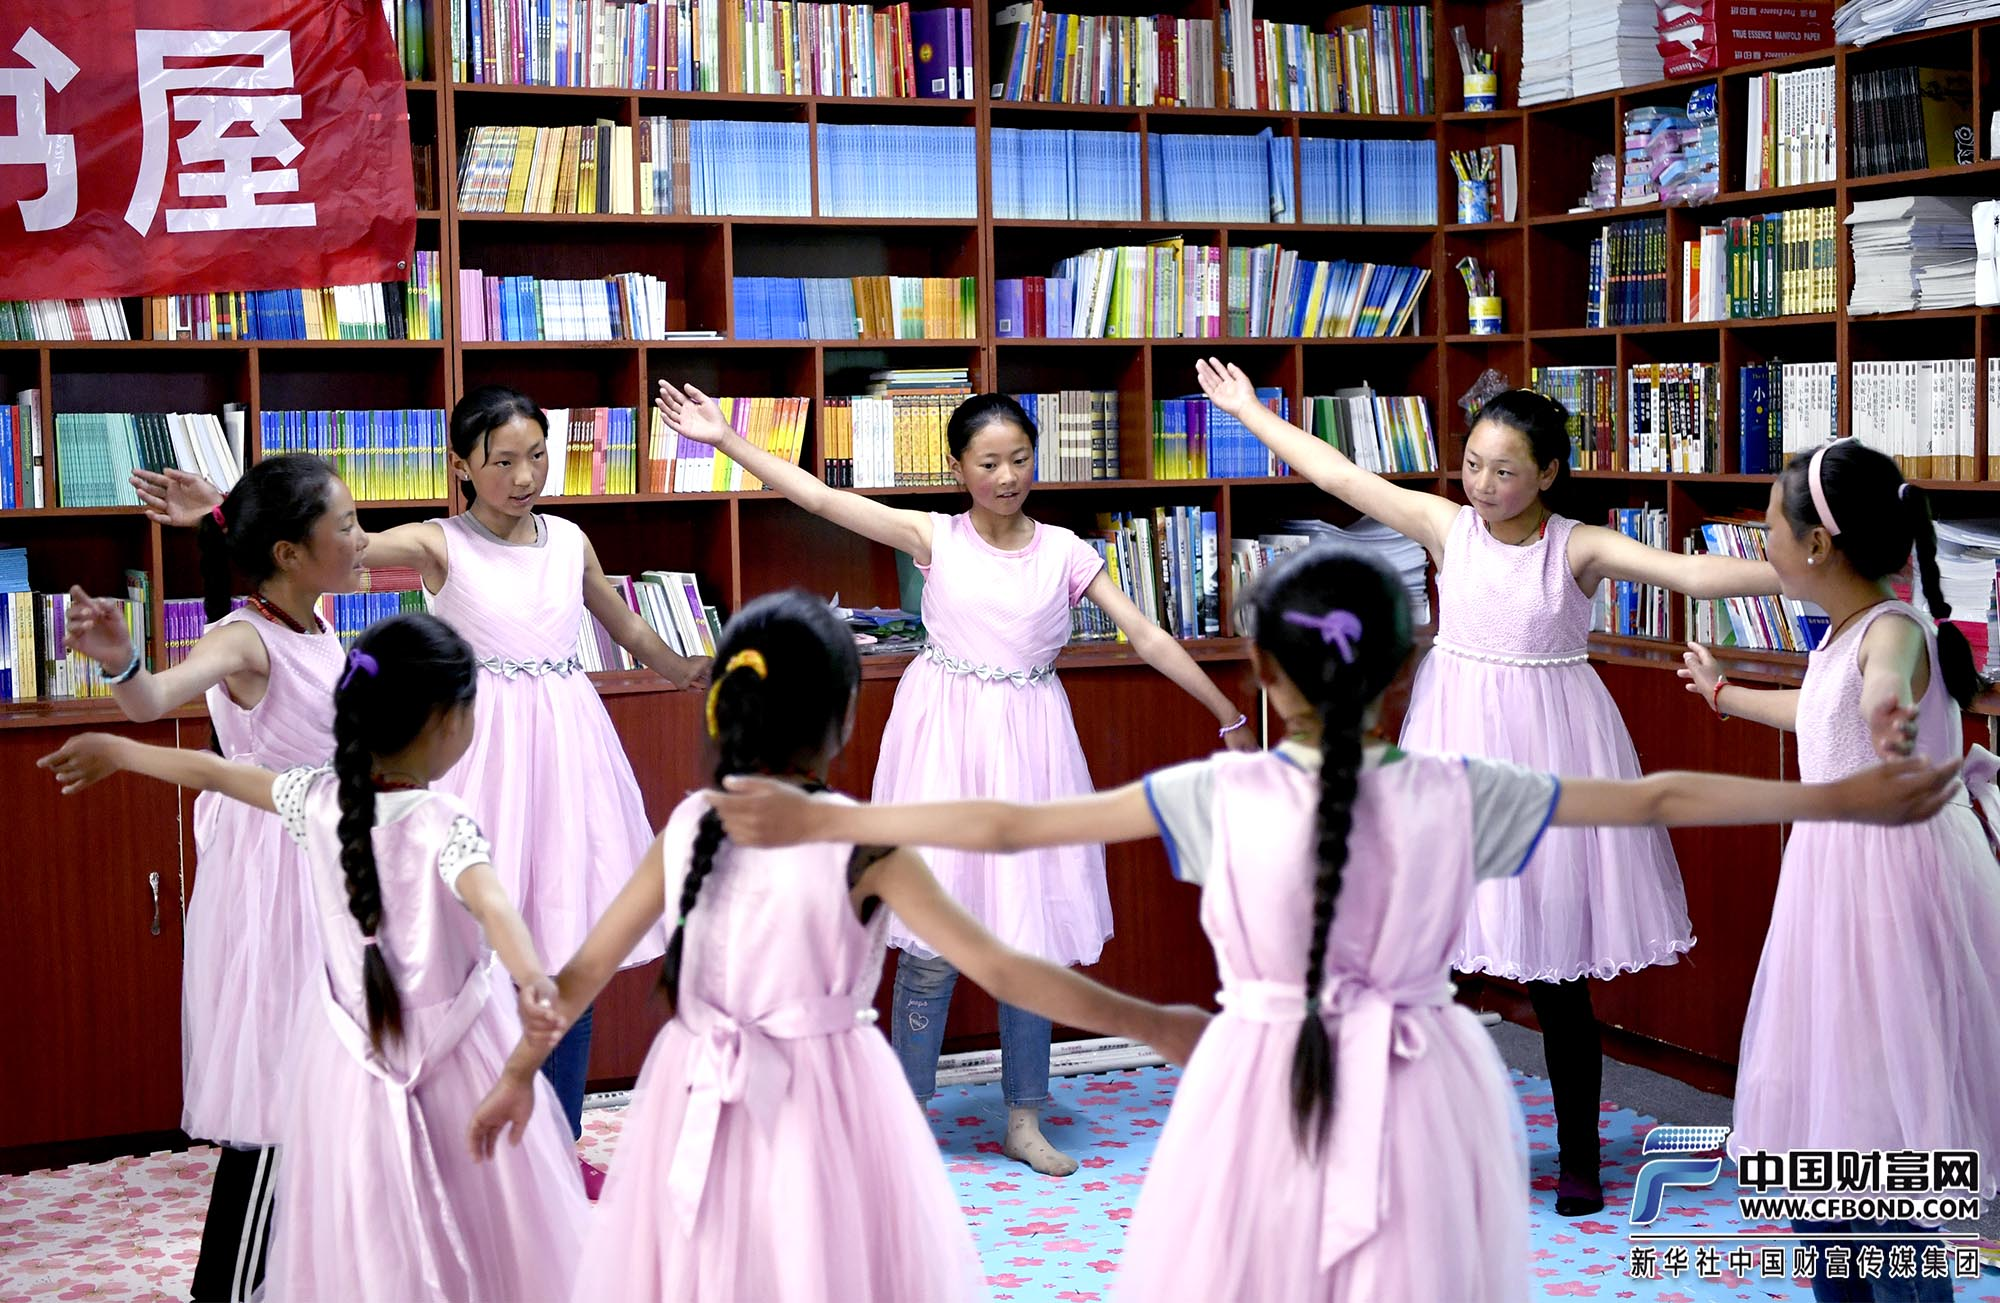 俄支乡的孩子们载歌载舞